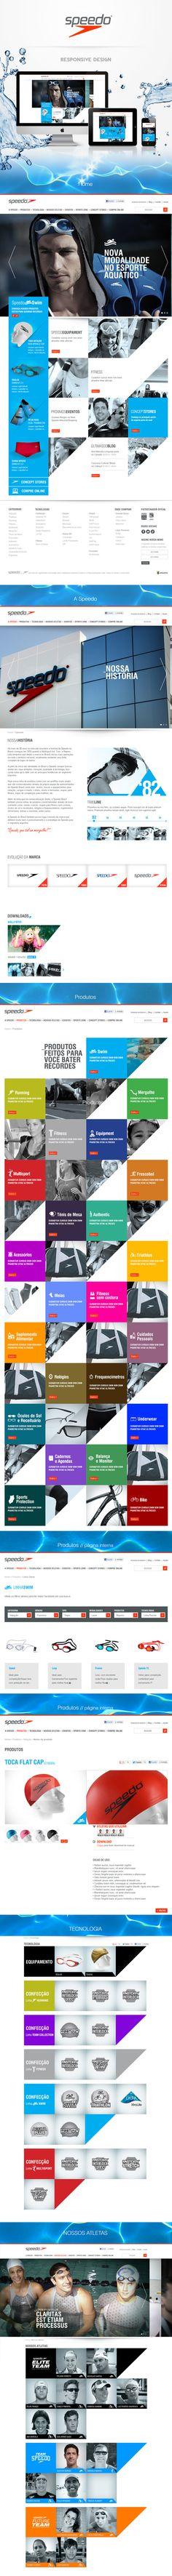 Conheçam meu mais novo trabalho para a Speedo Brasil - Reformulação do site. Visitem a minha página: http://www.behance.net/gallery/Speedo-new-site-from-Brazil/11013169